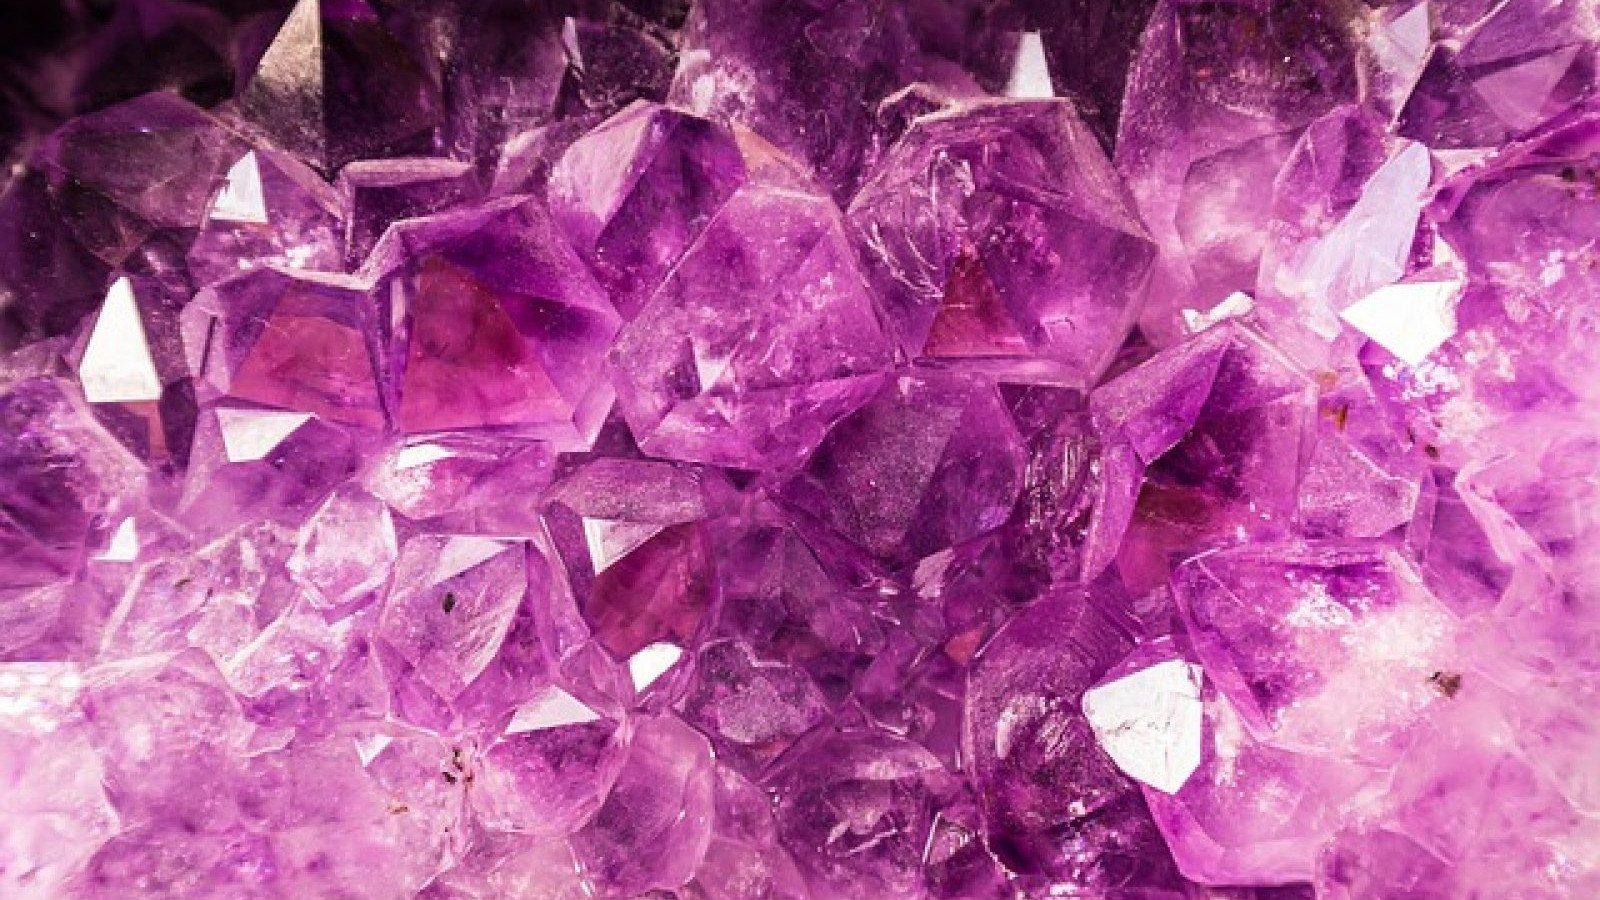 La amatista tiene un color violeta brillante.